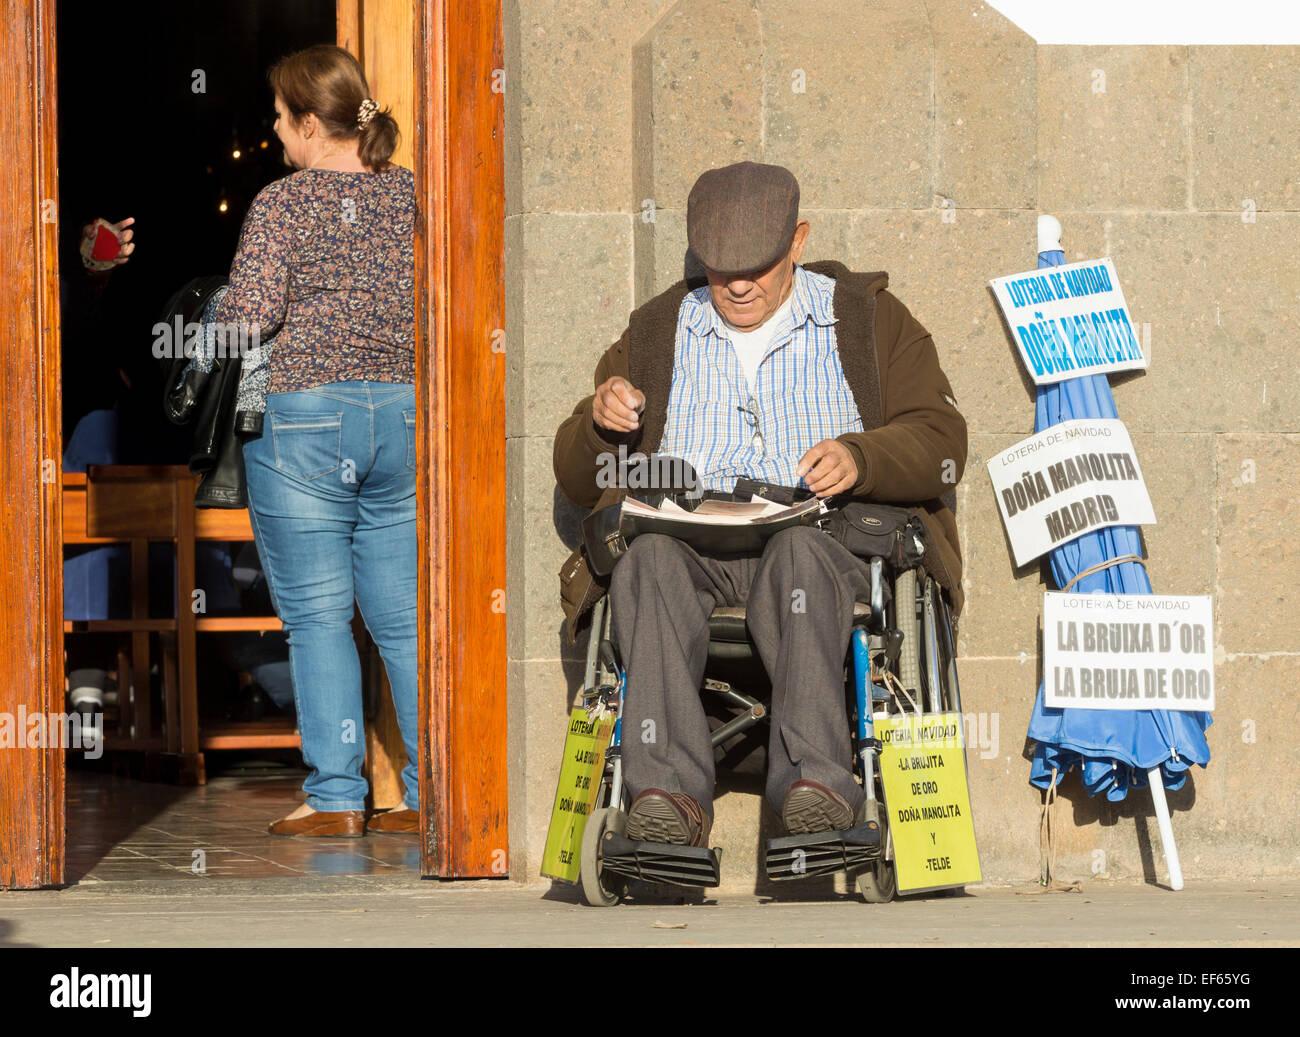 Uomo spagnolo di vendita ( Lotto lotteria spagnola) biglietti per 'El Gordo' fuori dal villaggio chiesa Immagini Stock